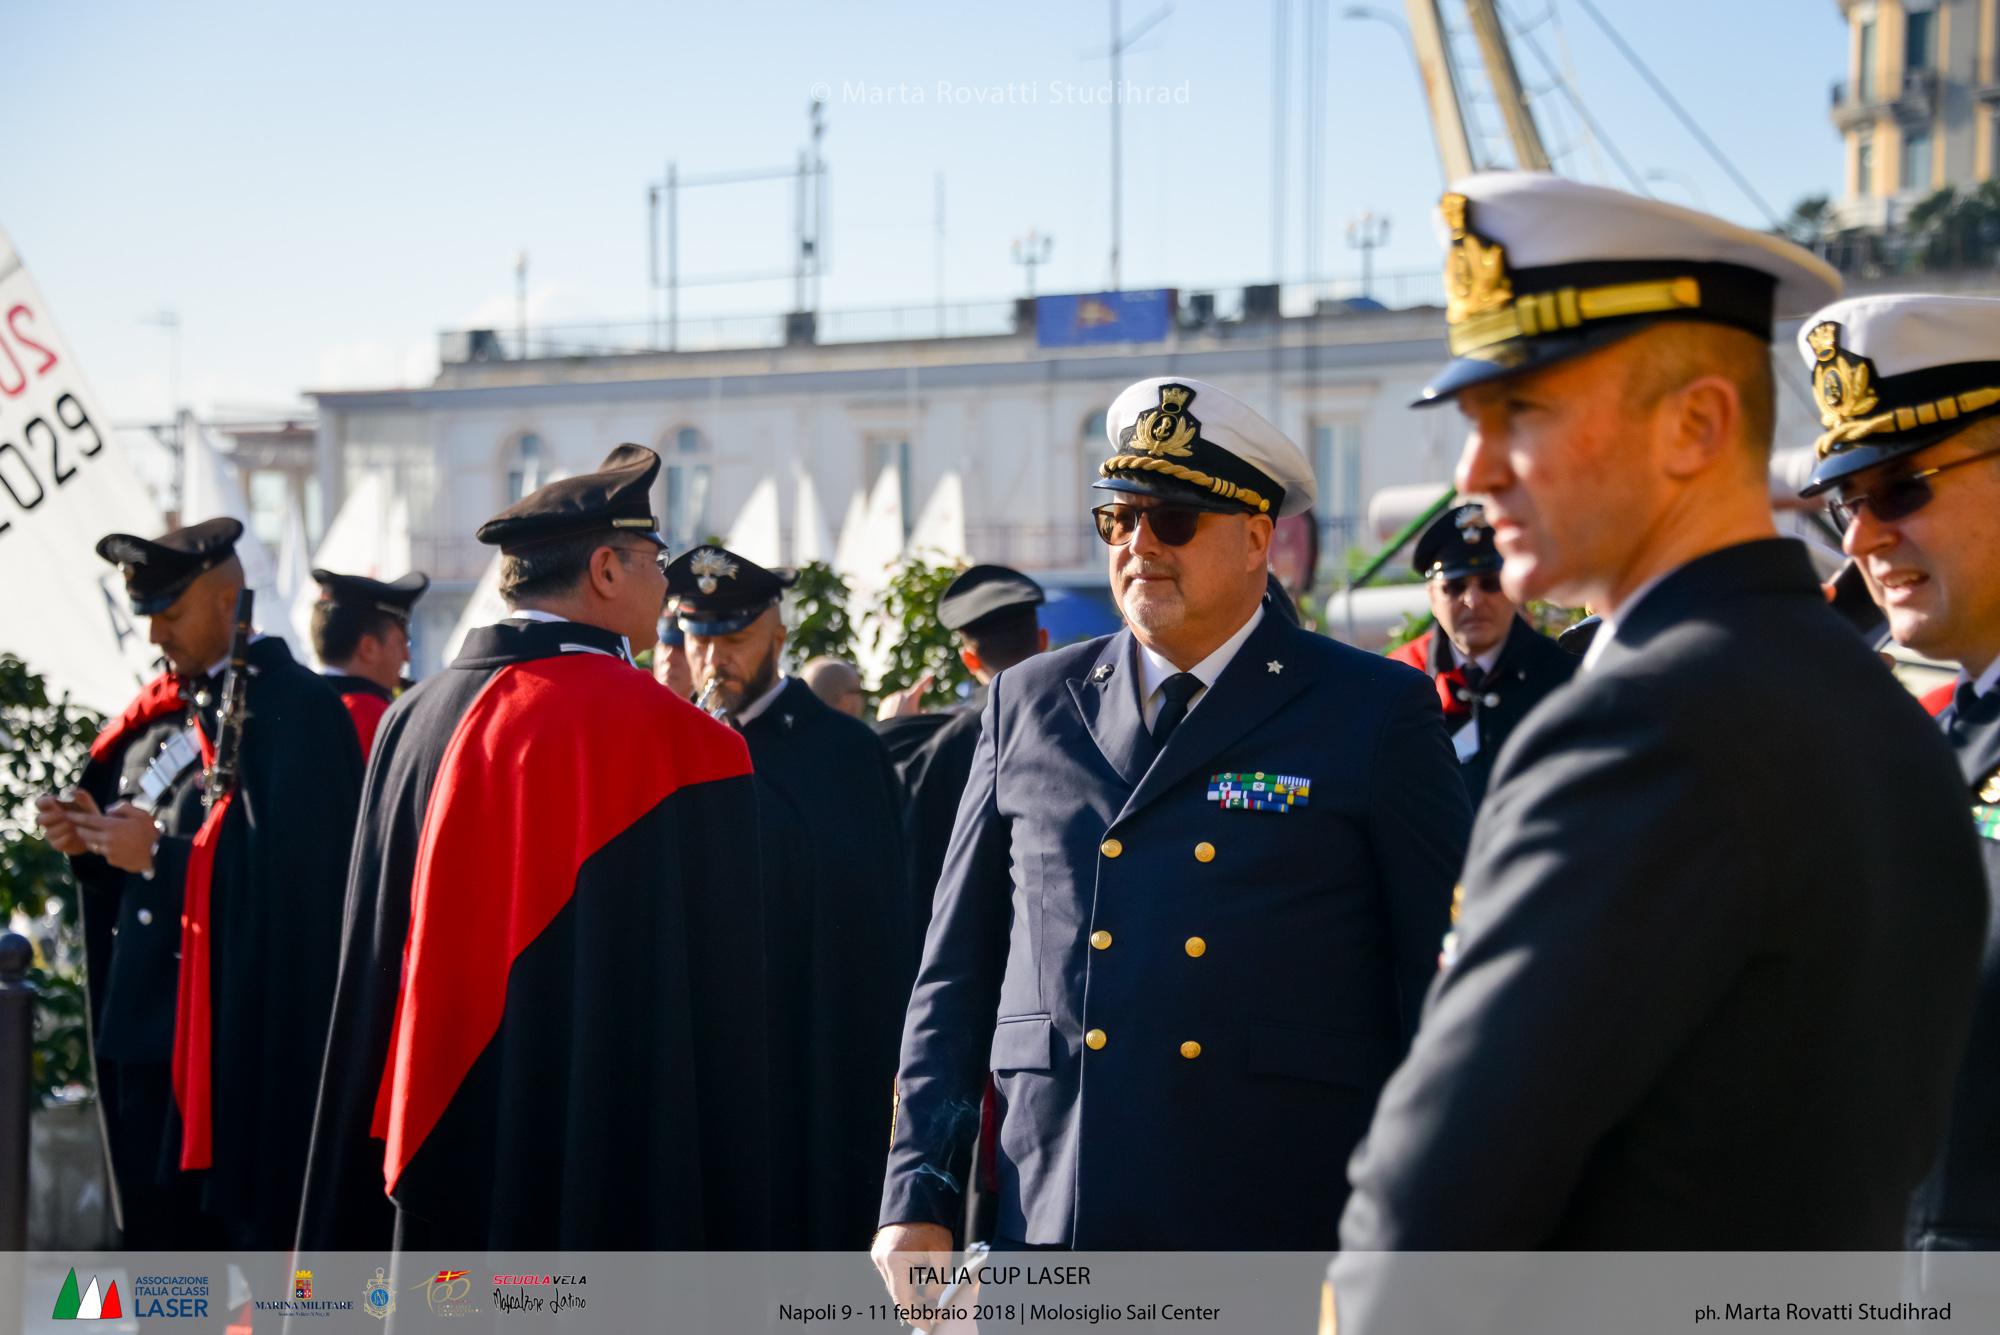 Associazione-Italia-Classi-Laser-2018-NapoliMGR_9388